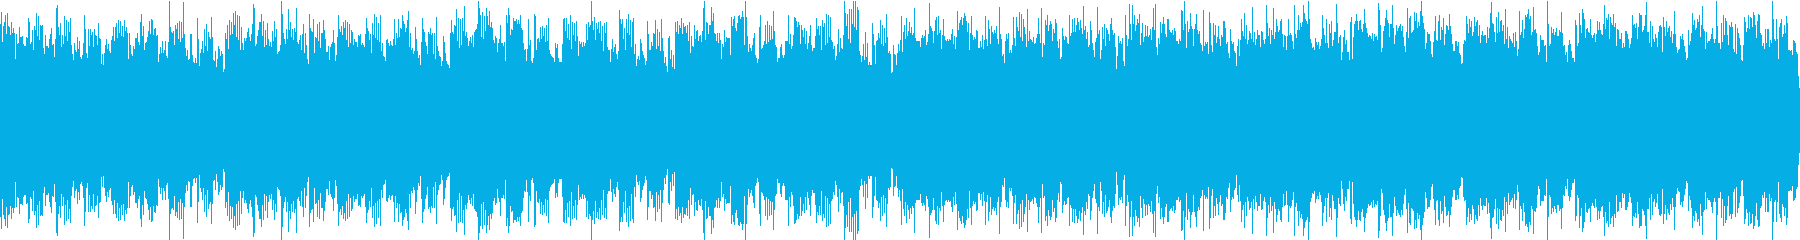 テクノ 近未来 ループの再生済みの波形